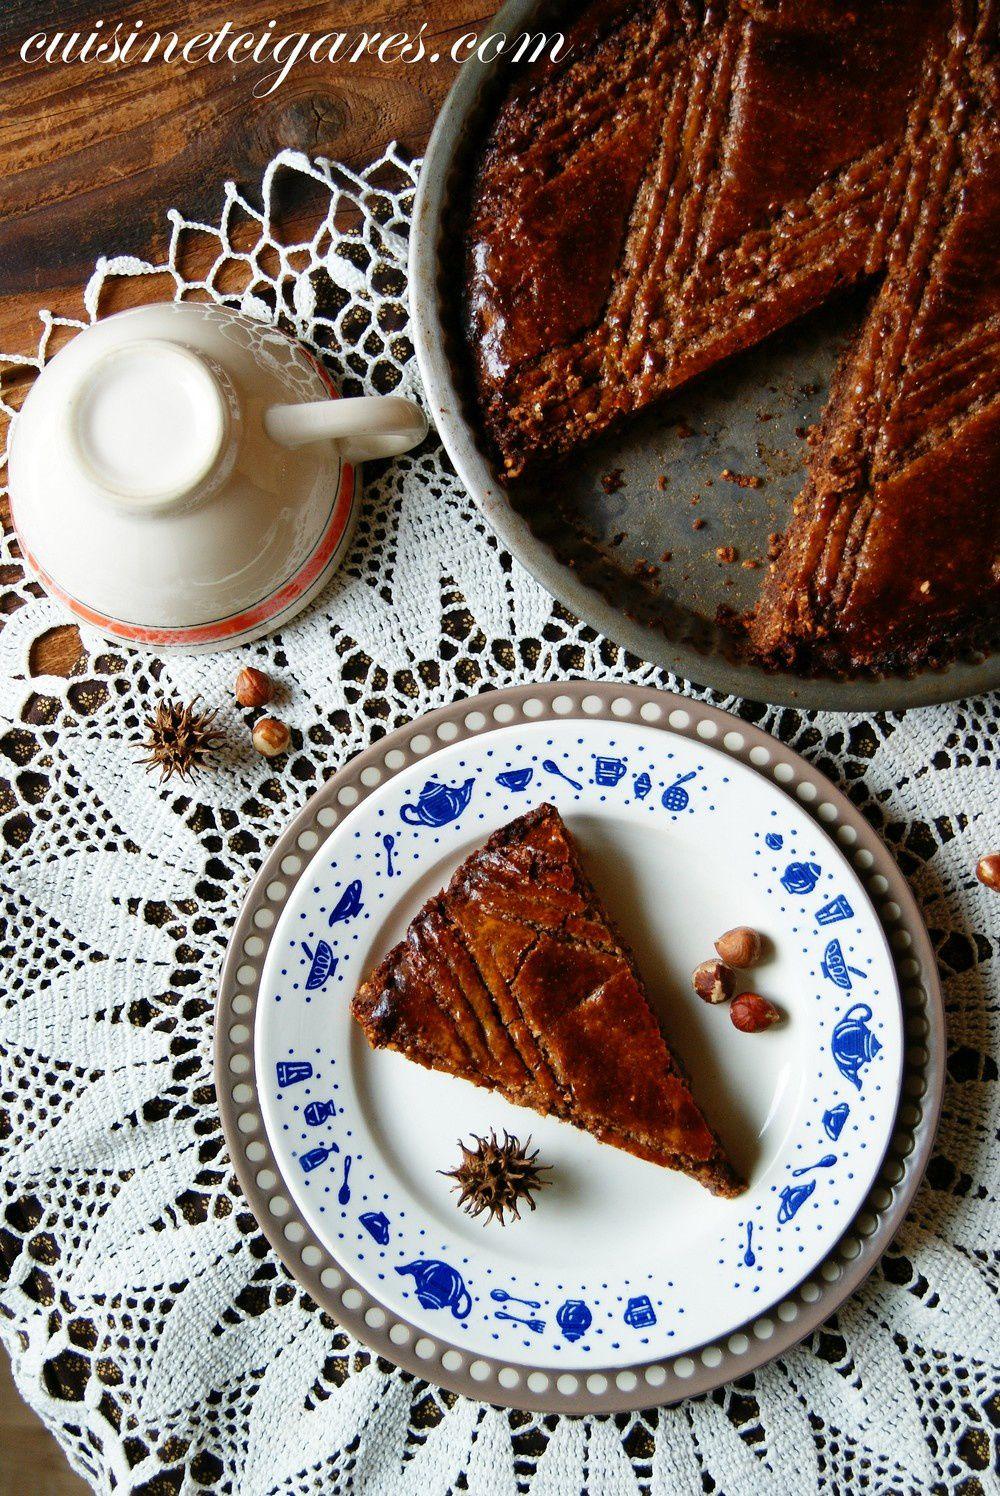 Une Galette... oui, mais pour tous les jours ! Bretonne, aux noisettes et au chocolat !